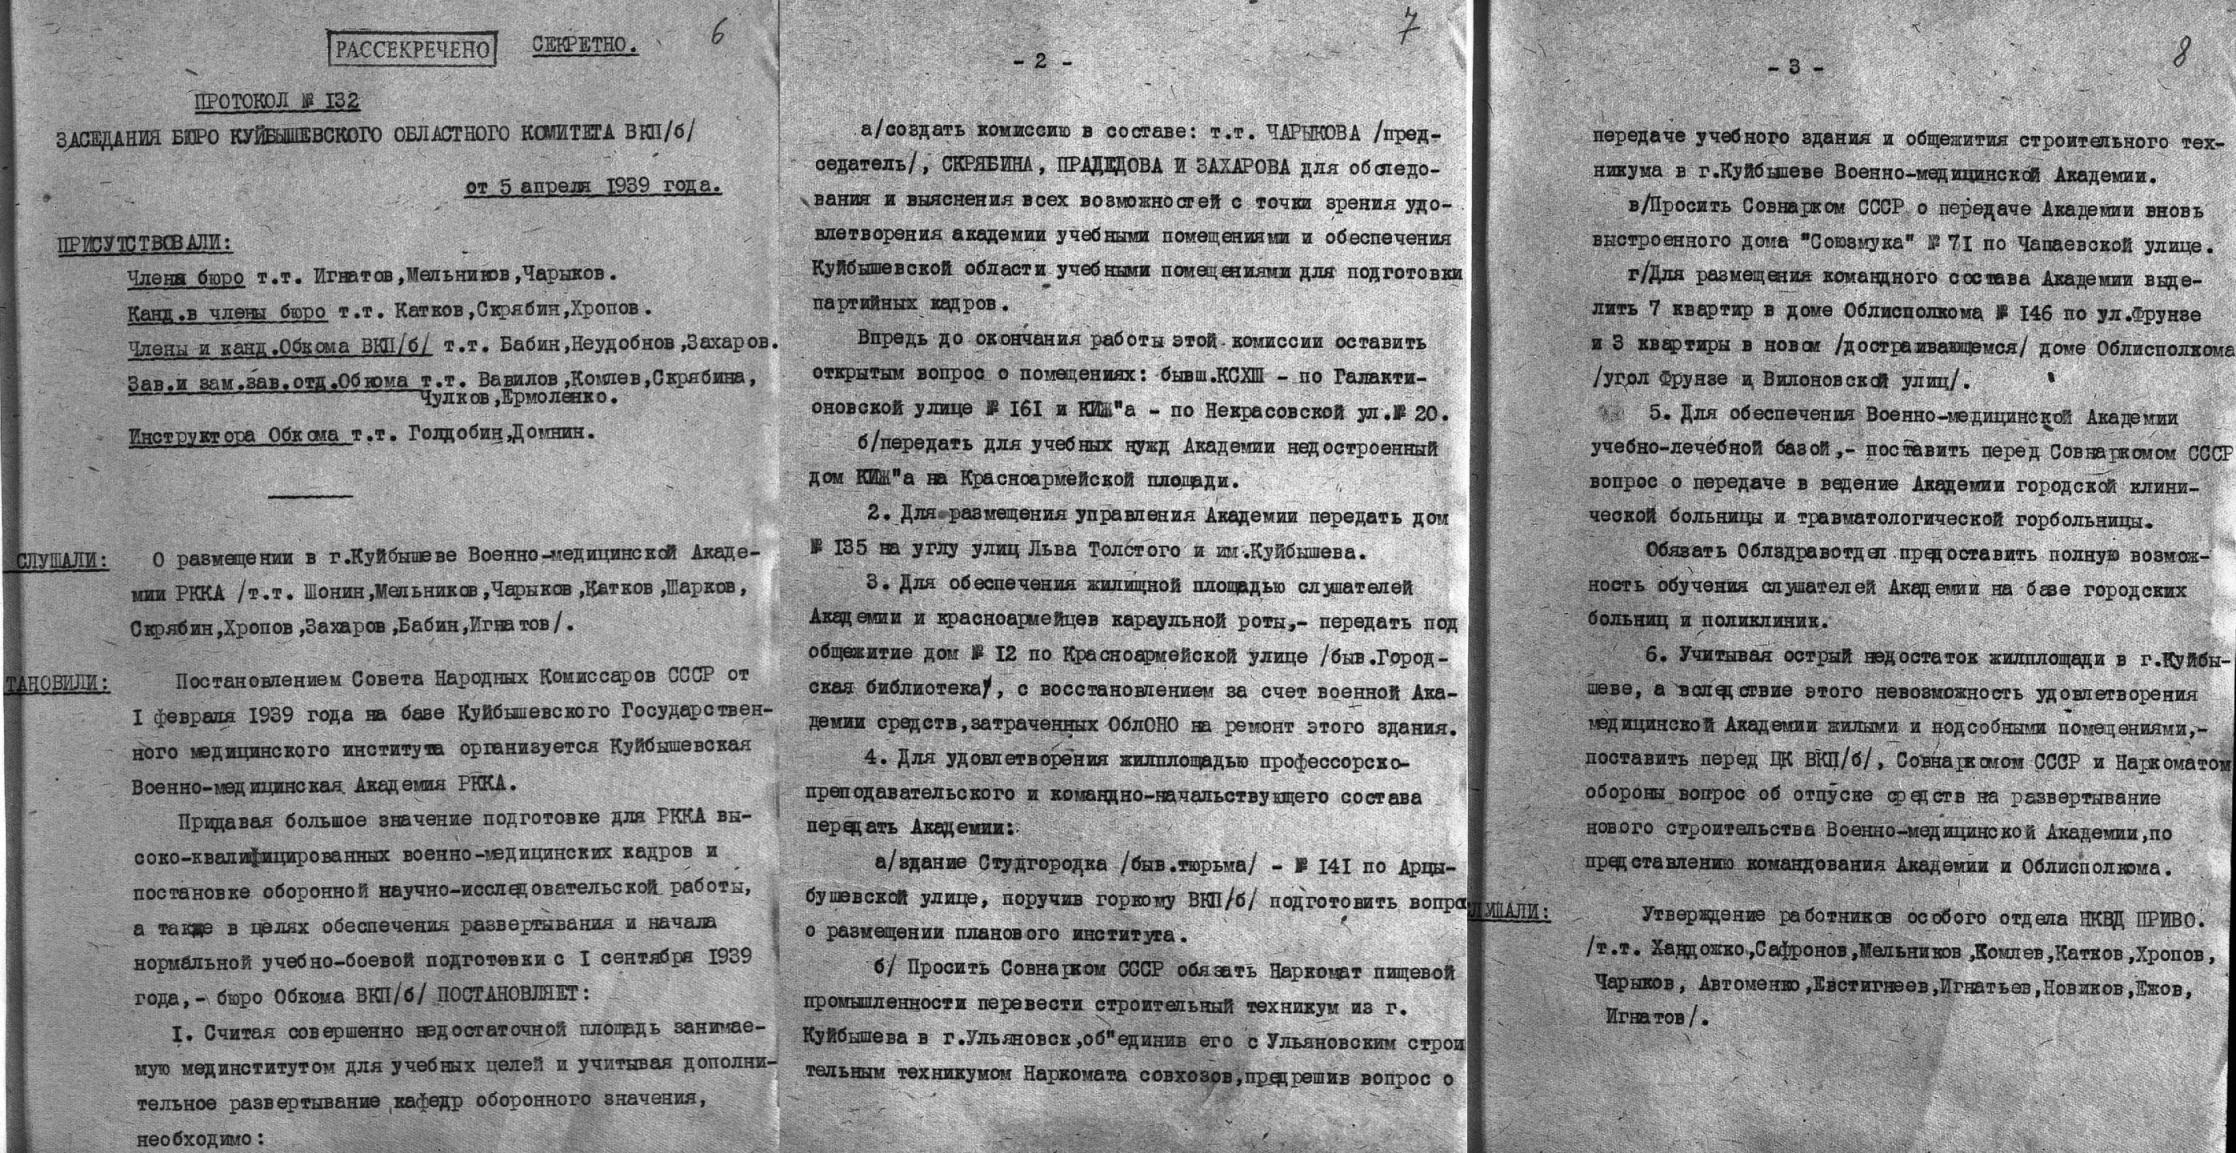 Документы об открытии военно-медицинской академии РККА